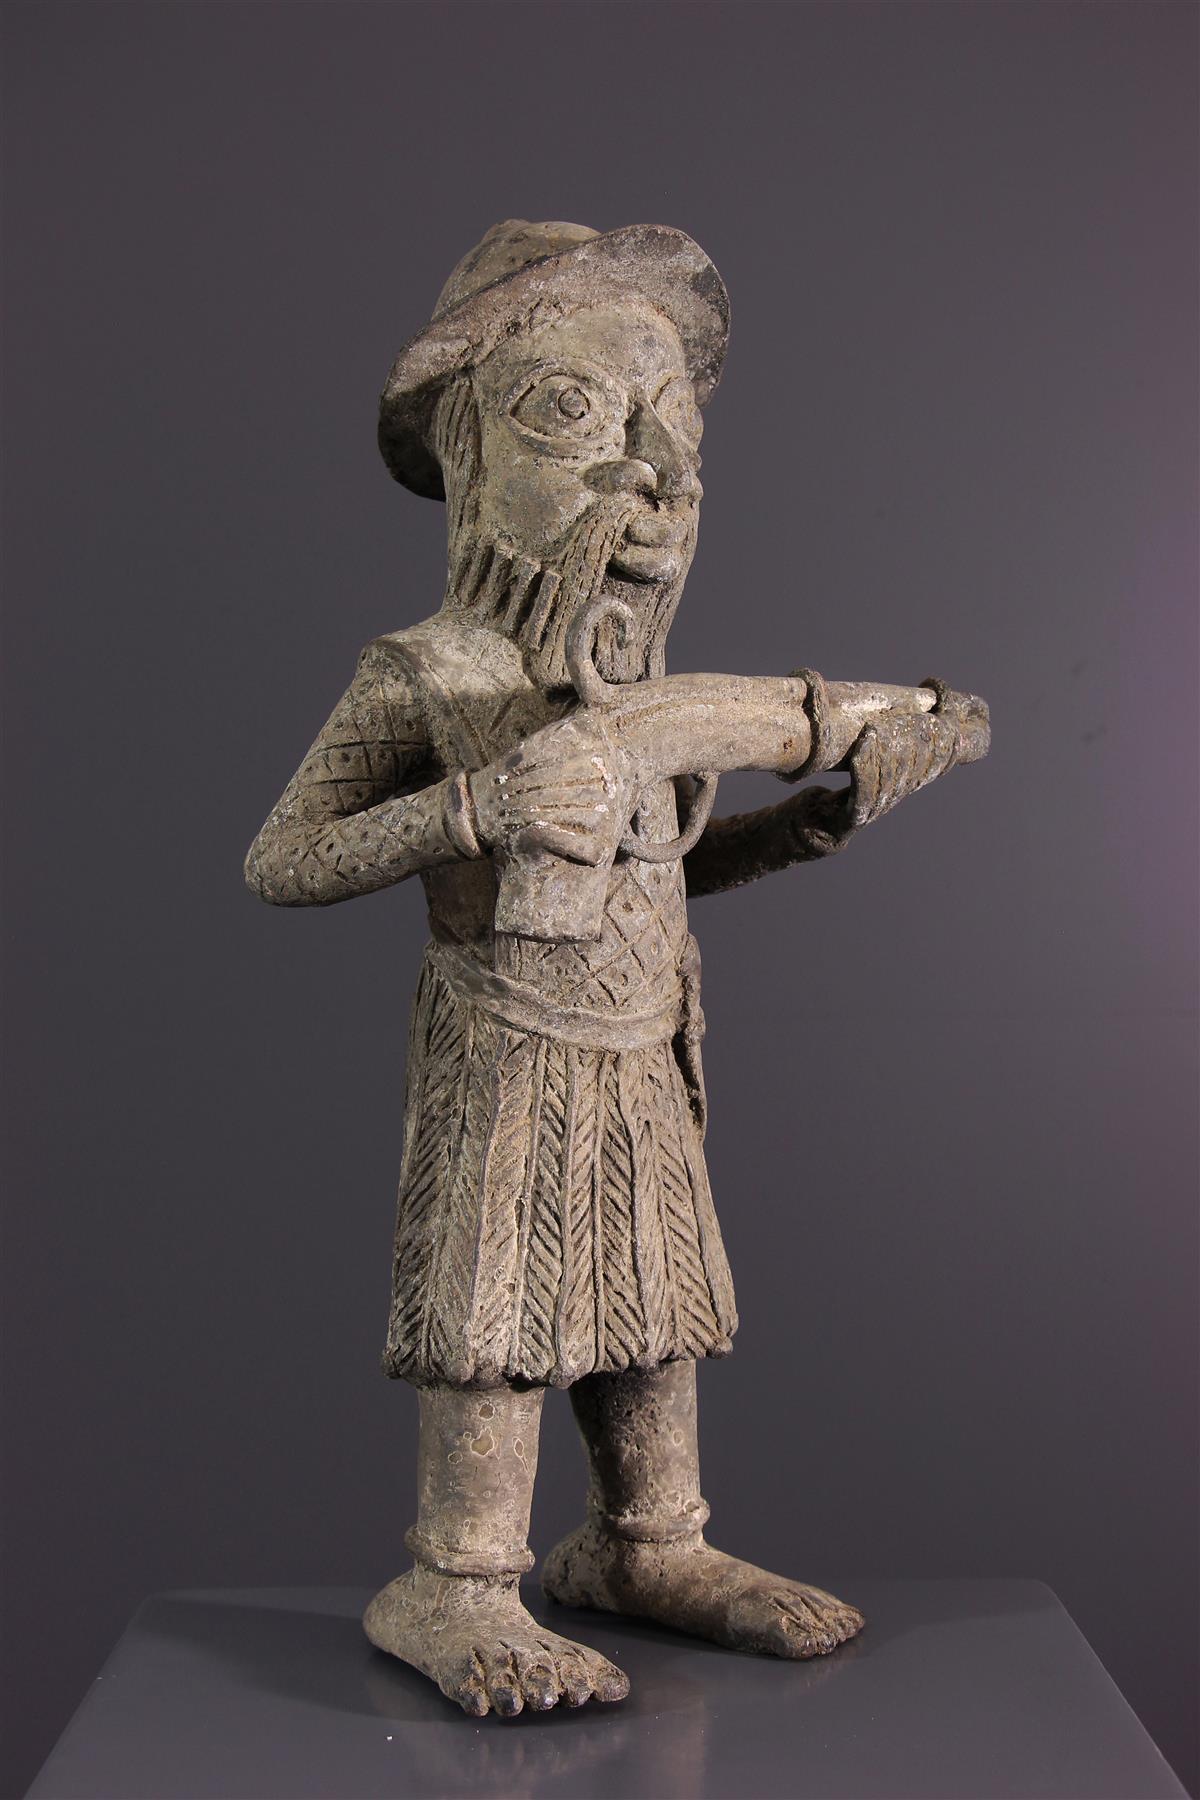 Benin Statue - African art